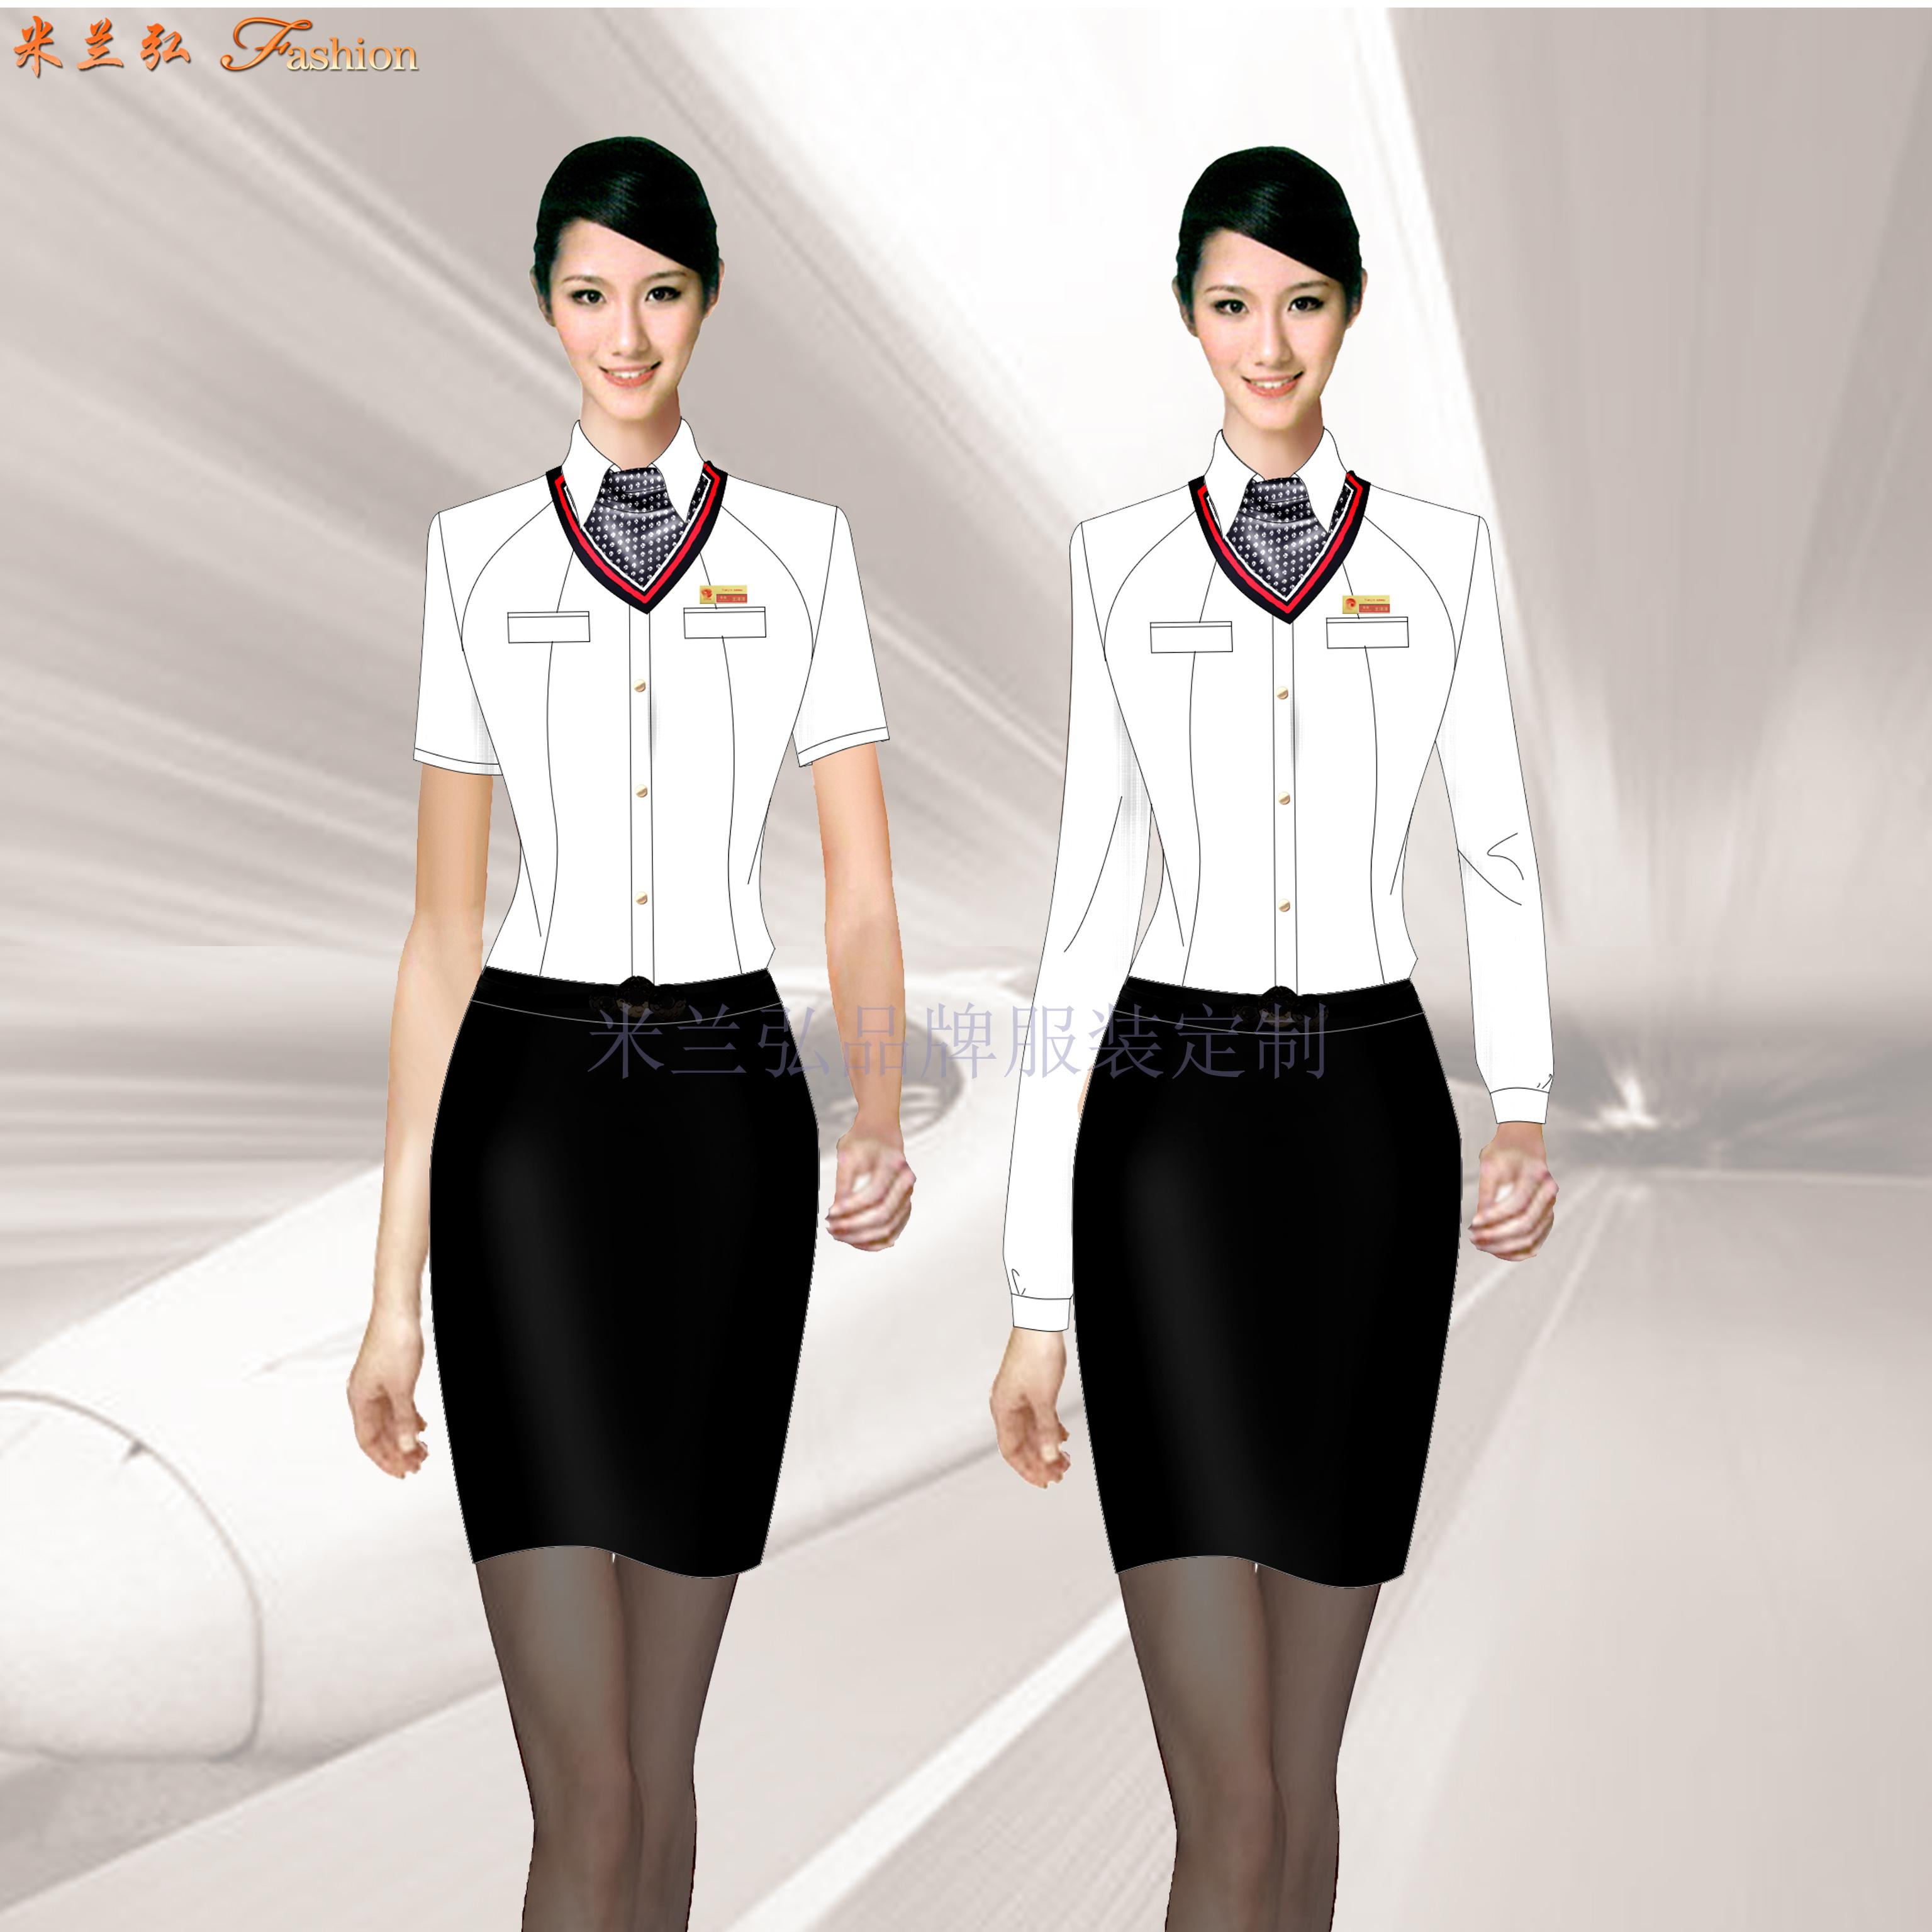 深圳寶安國際機場管理員行政西服定做-米蘭弘服裝廠家-2